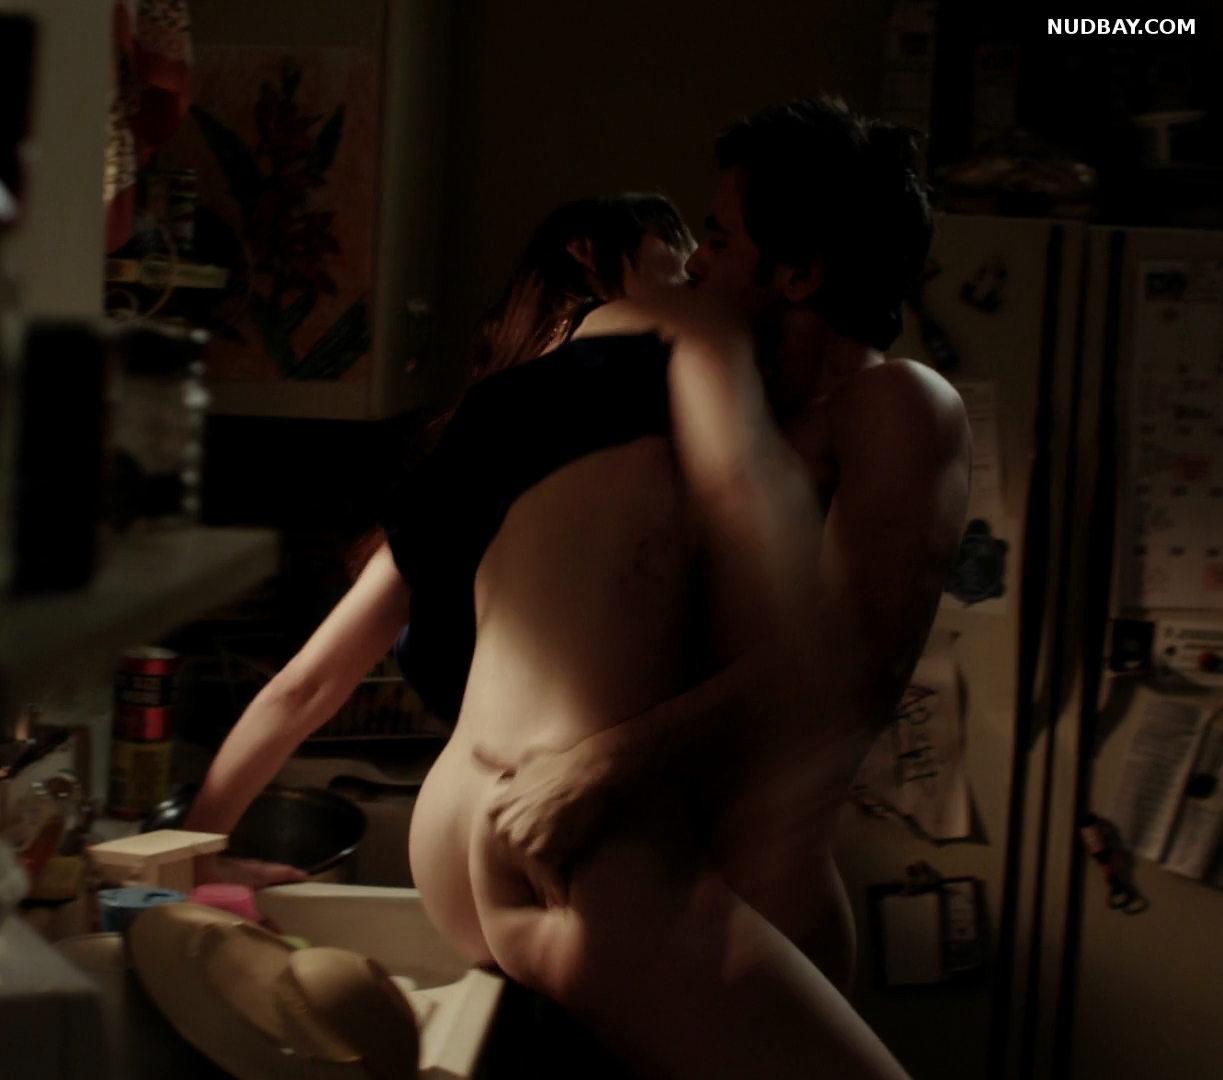 Emmy Rossum nude in Shameless S01E01 (2011)